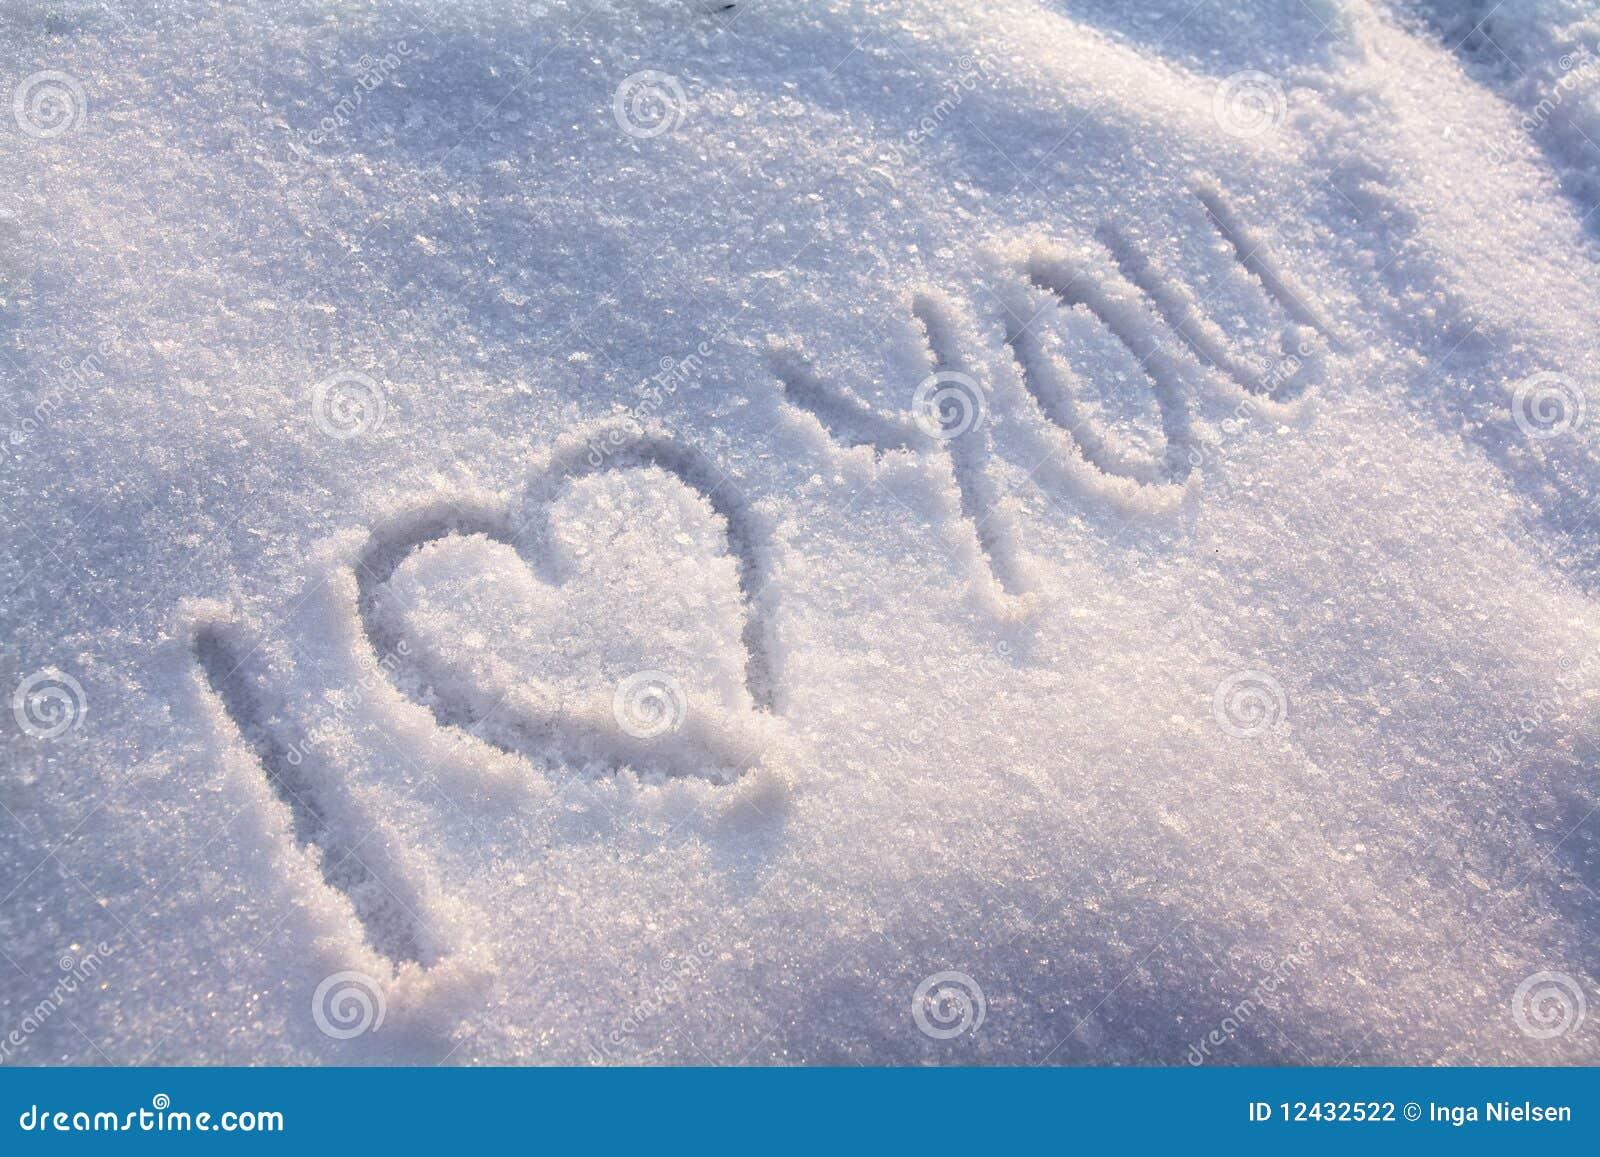 С первым снегом надпись фото 7